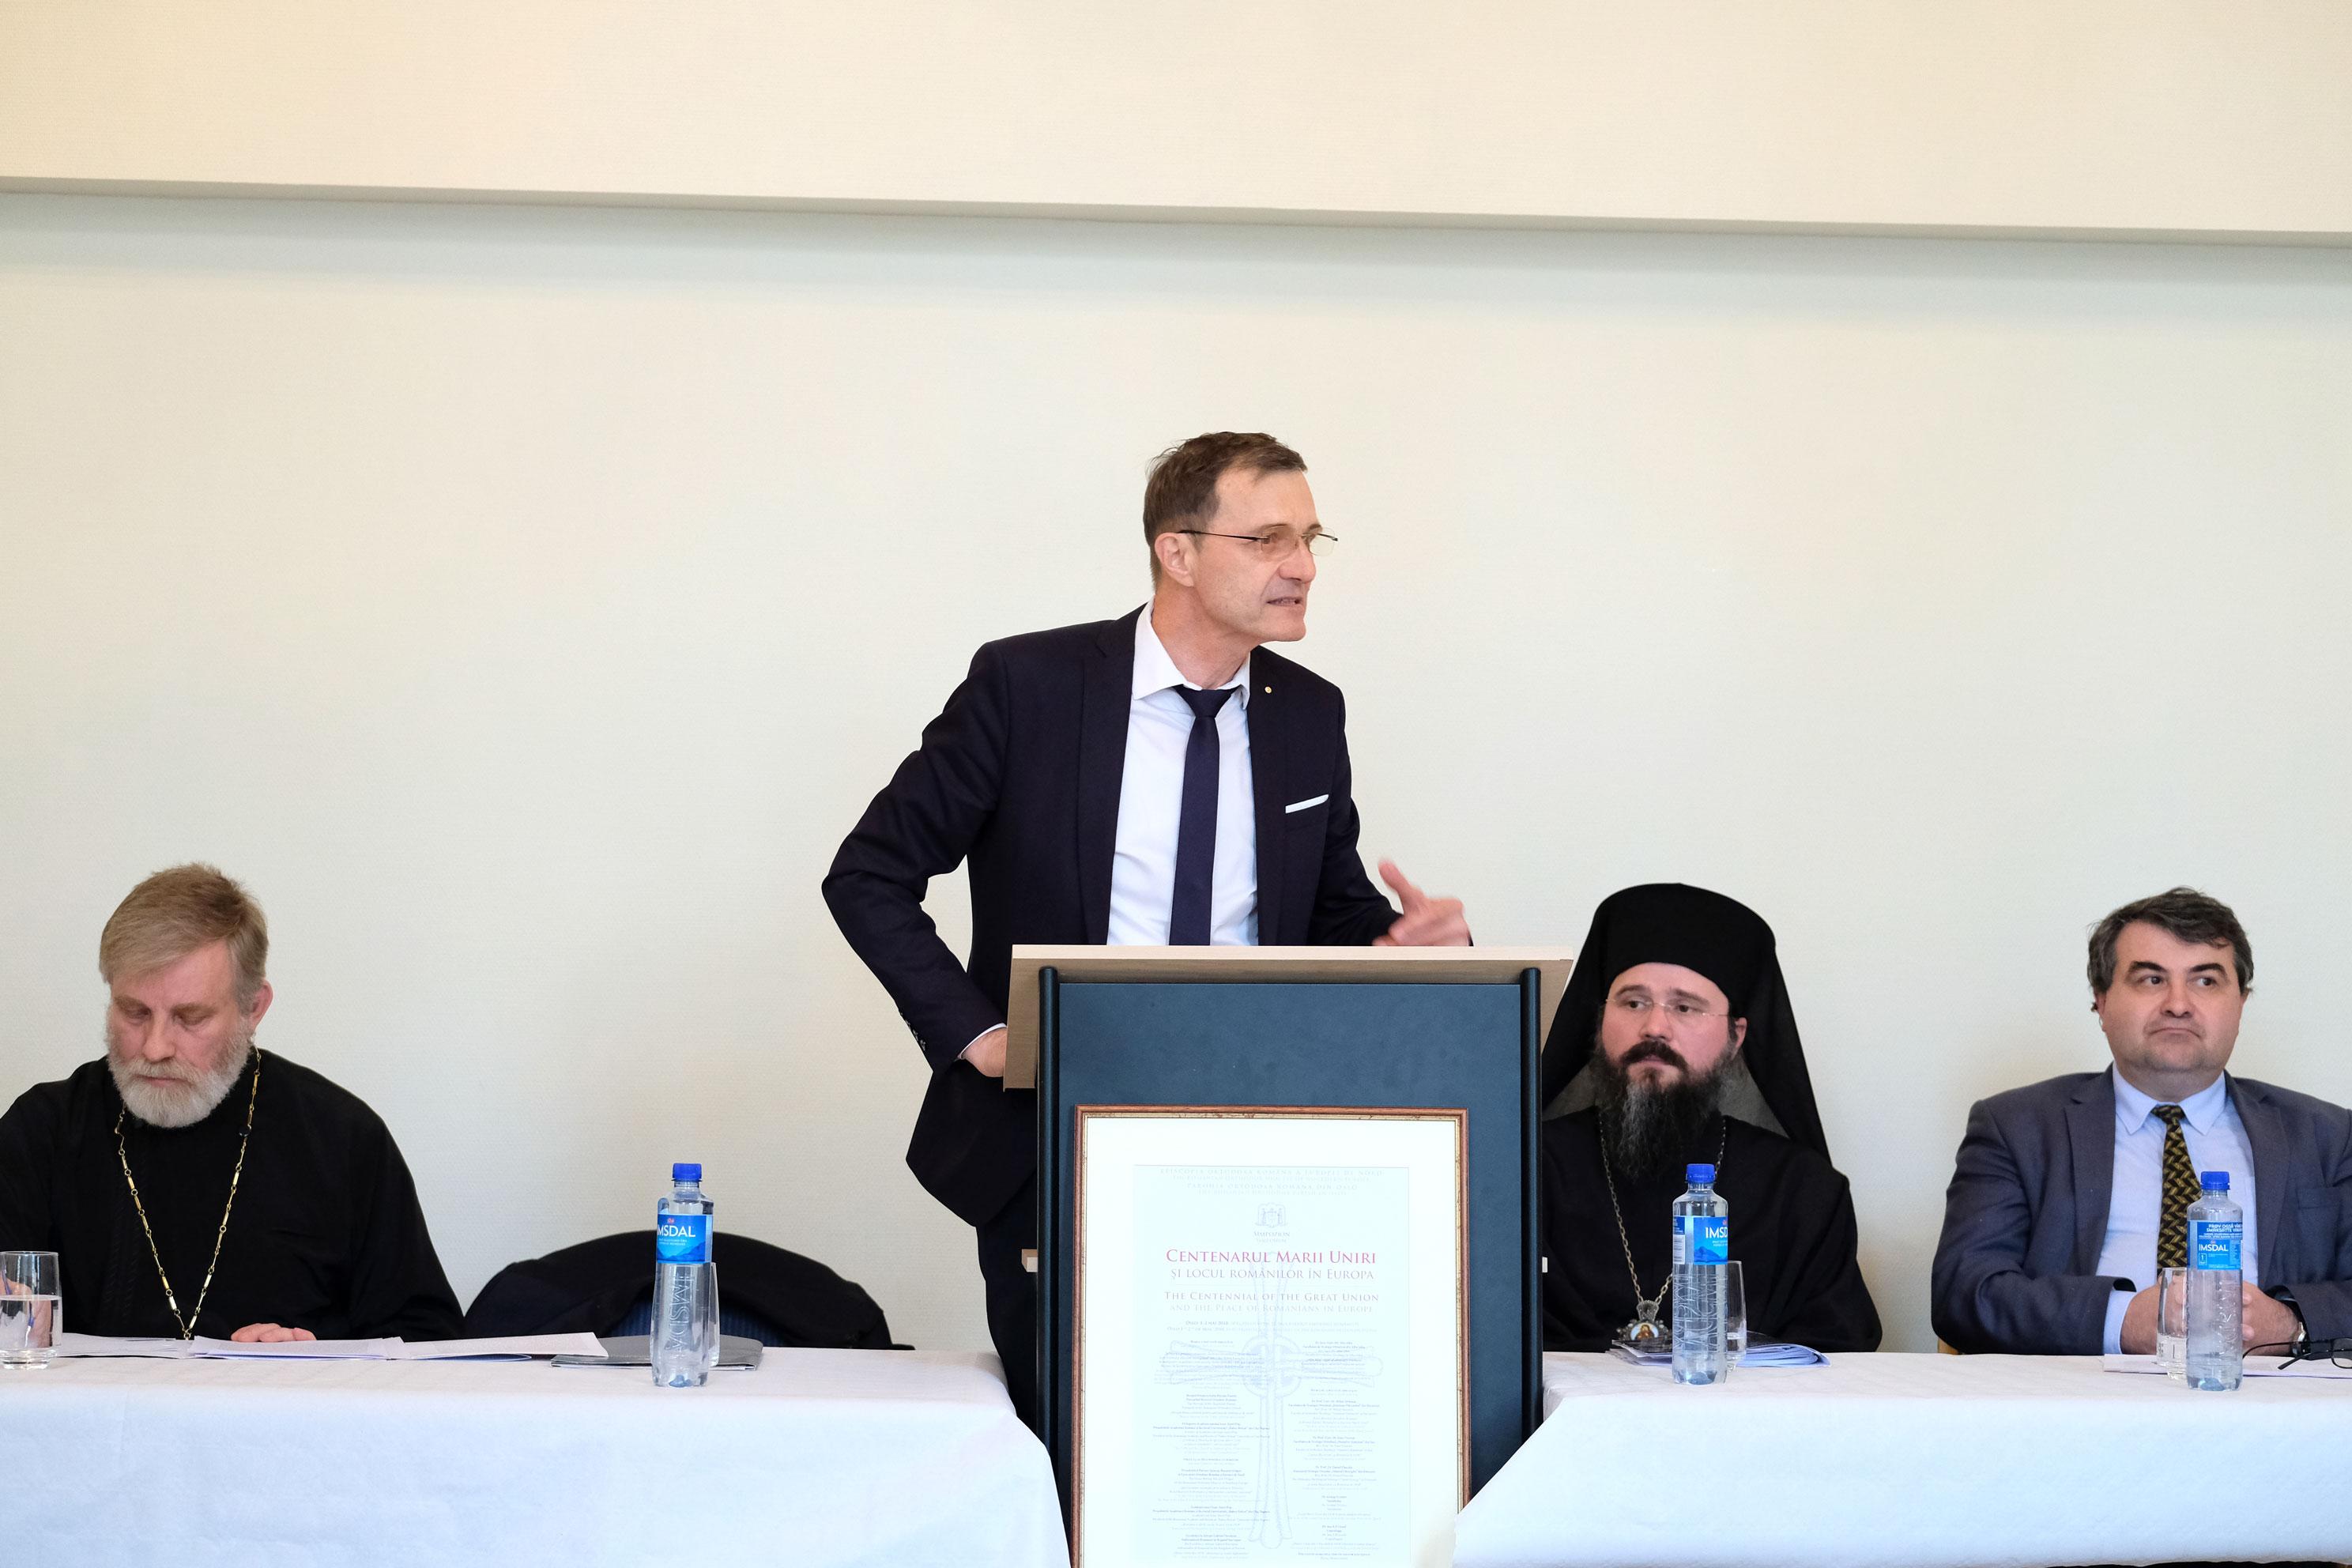 <i>&#8220;Uitați-vă ce se întâmplă în țară: în loc să cultivăm iubirea și bunătatea, acum punem în față răul și urâtul. Și de-aceea nu putem trăi nici Marea Unire&#8221;</i>. Președintele Academiei Române, IOAN-AUREL POP, invitat la Oslo de PS MACARIE &#8211; prelegere despre CREDINȚĂ, UNITATE ȘI NEAM, cu prilejul CENTENARULUI MARII UNIRI (video)